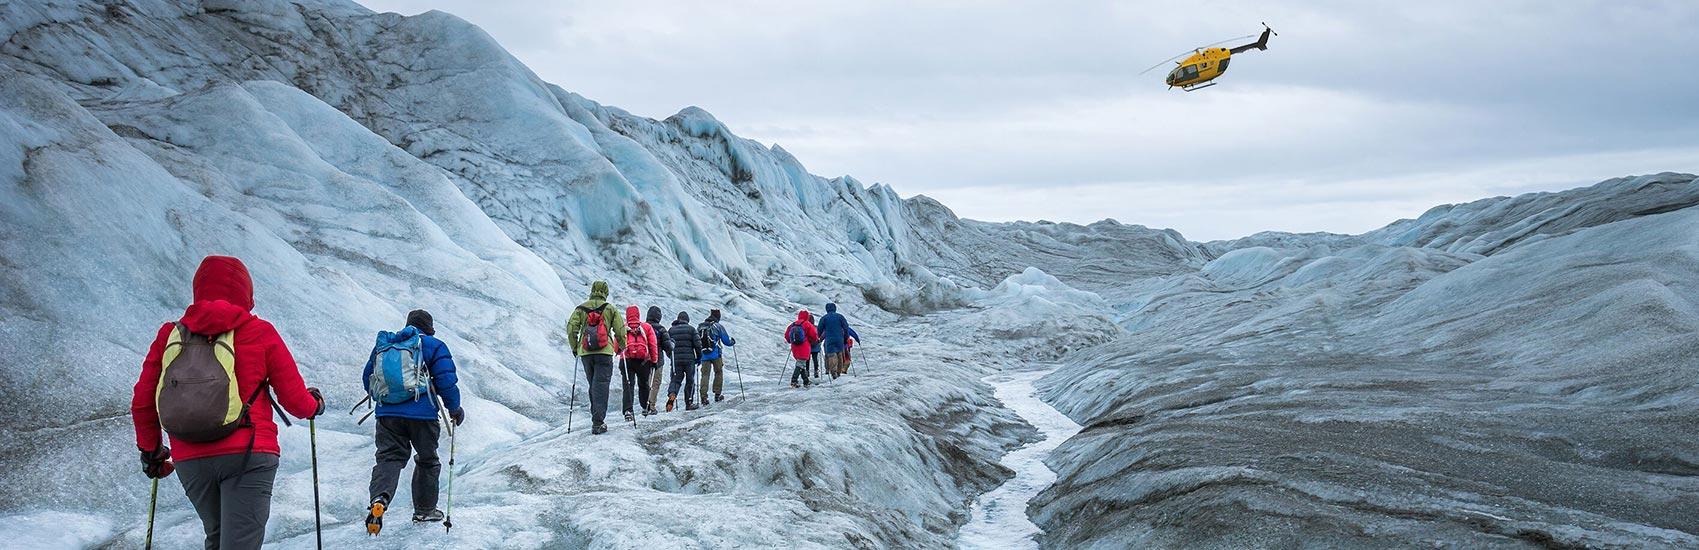 Saison arctique 2023 – Économies sur les réservations anticipées avec Quark Expeditions 3